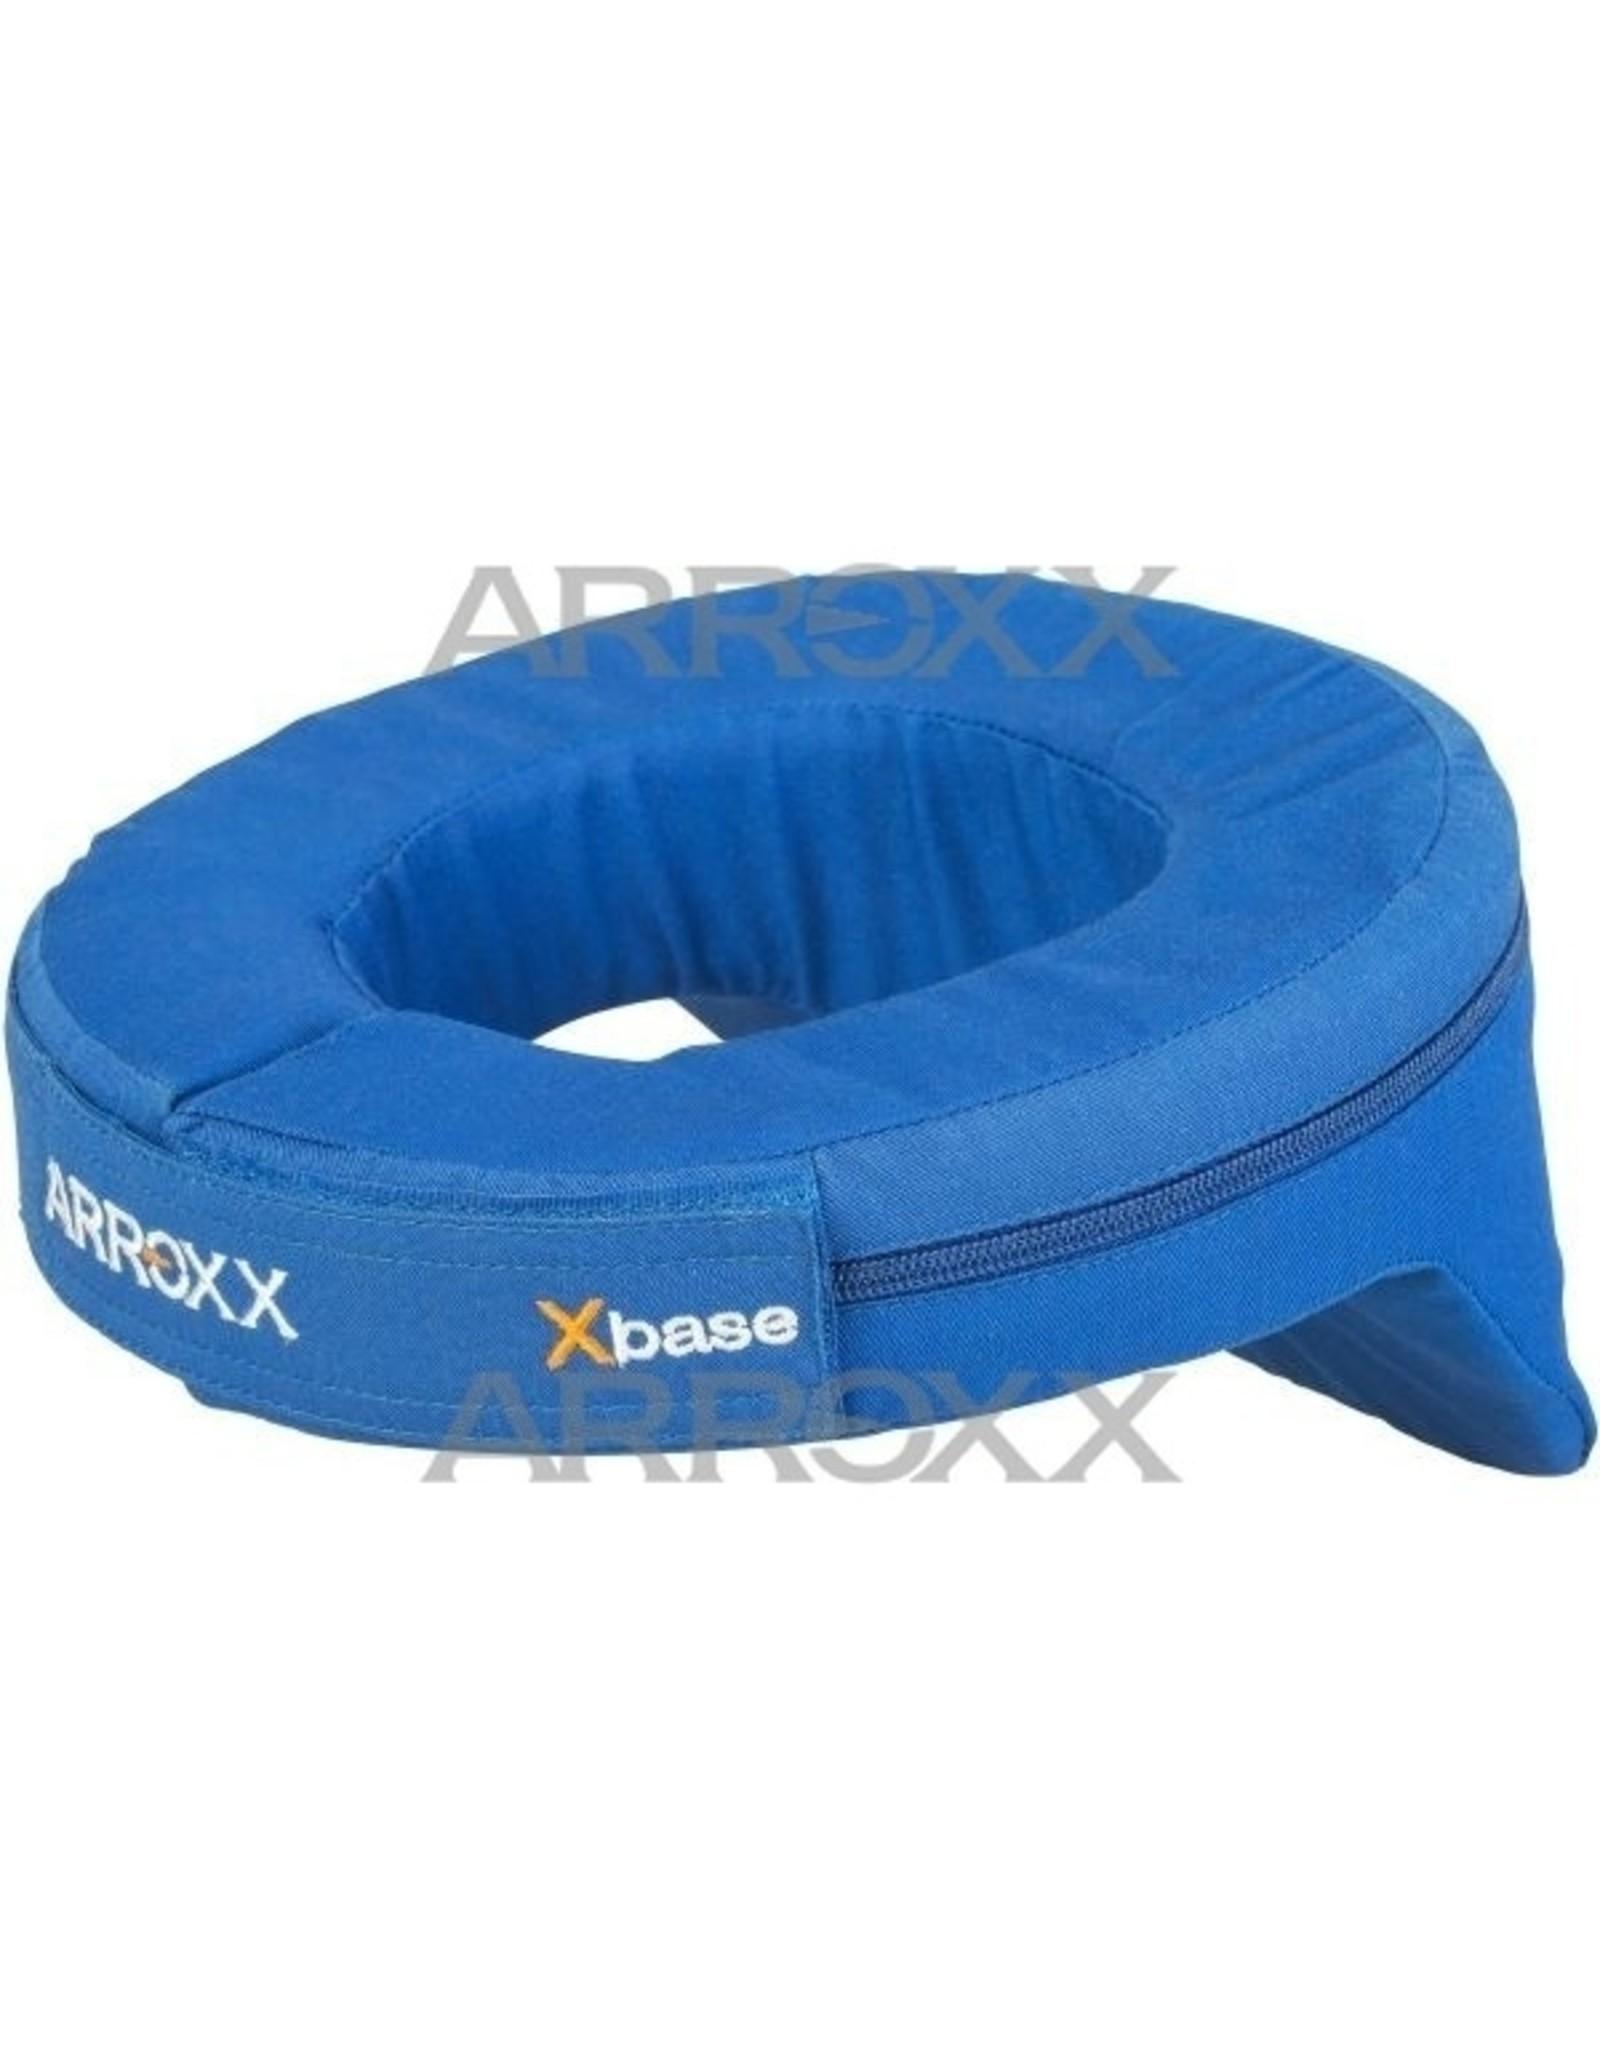 Arroxx Arroxx neckprotector Xbase blauw